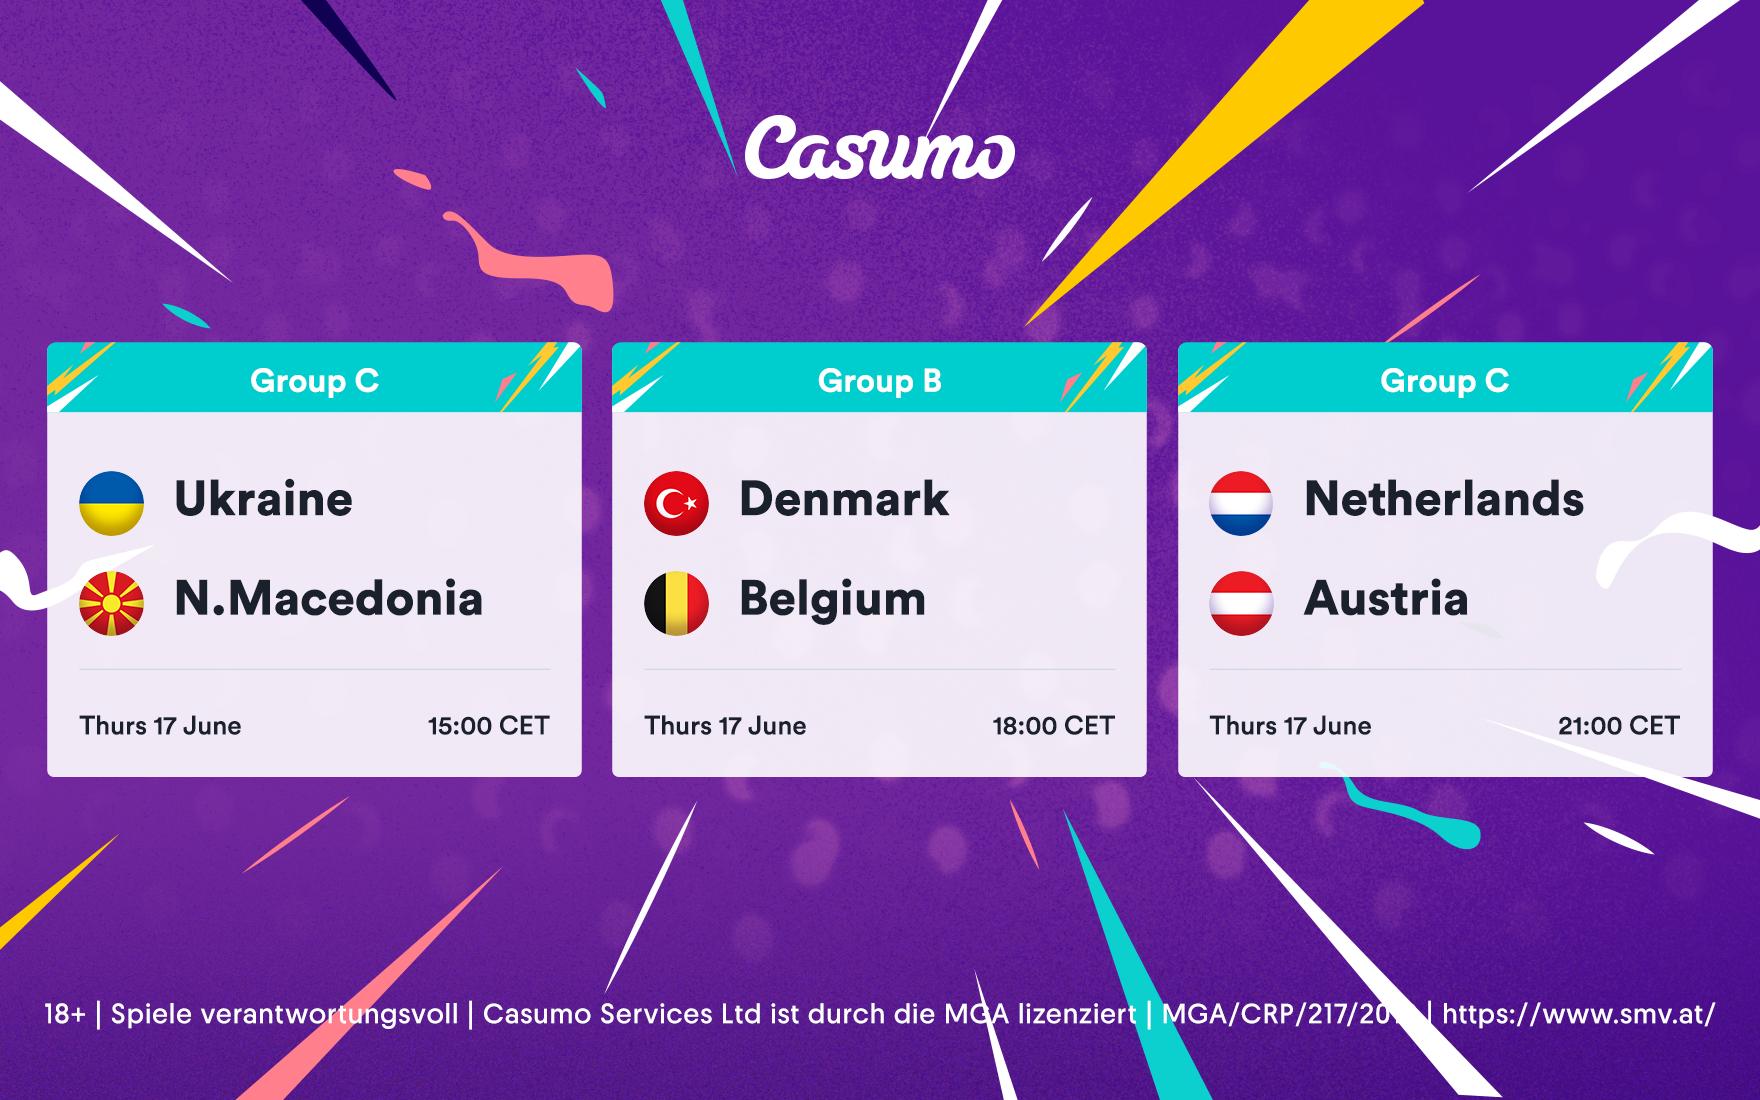 Wetttipps für EM 2020: Donnerstag 17. Juni – Dänemark-Belgien & mehr!